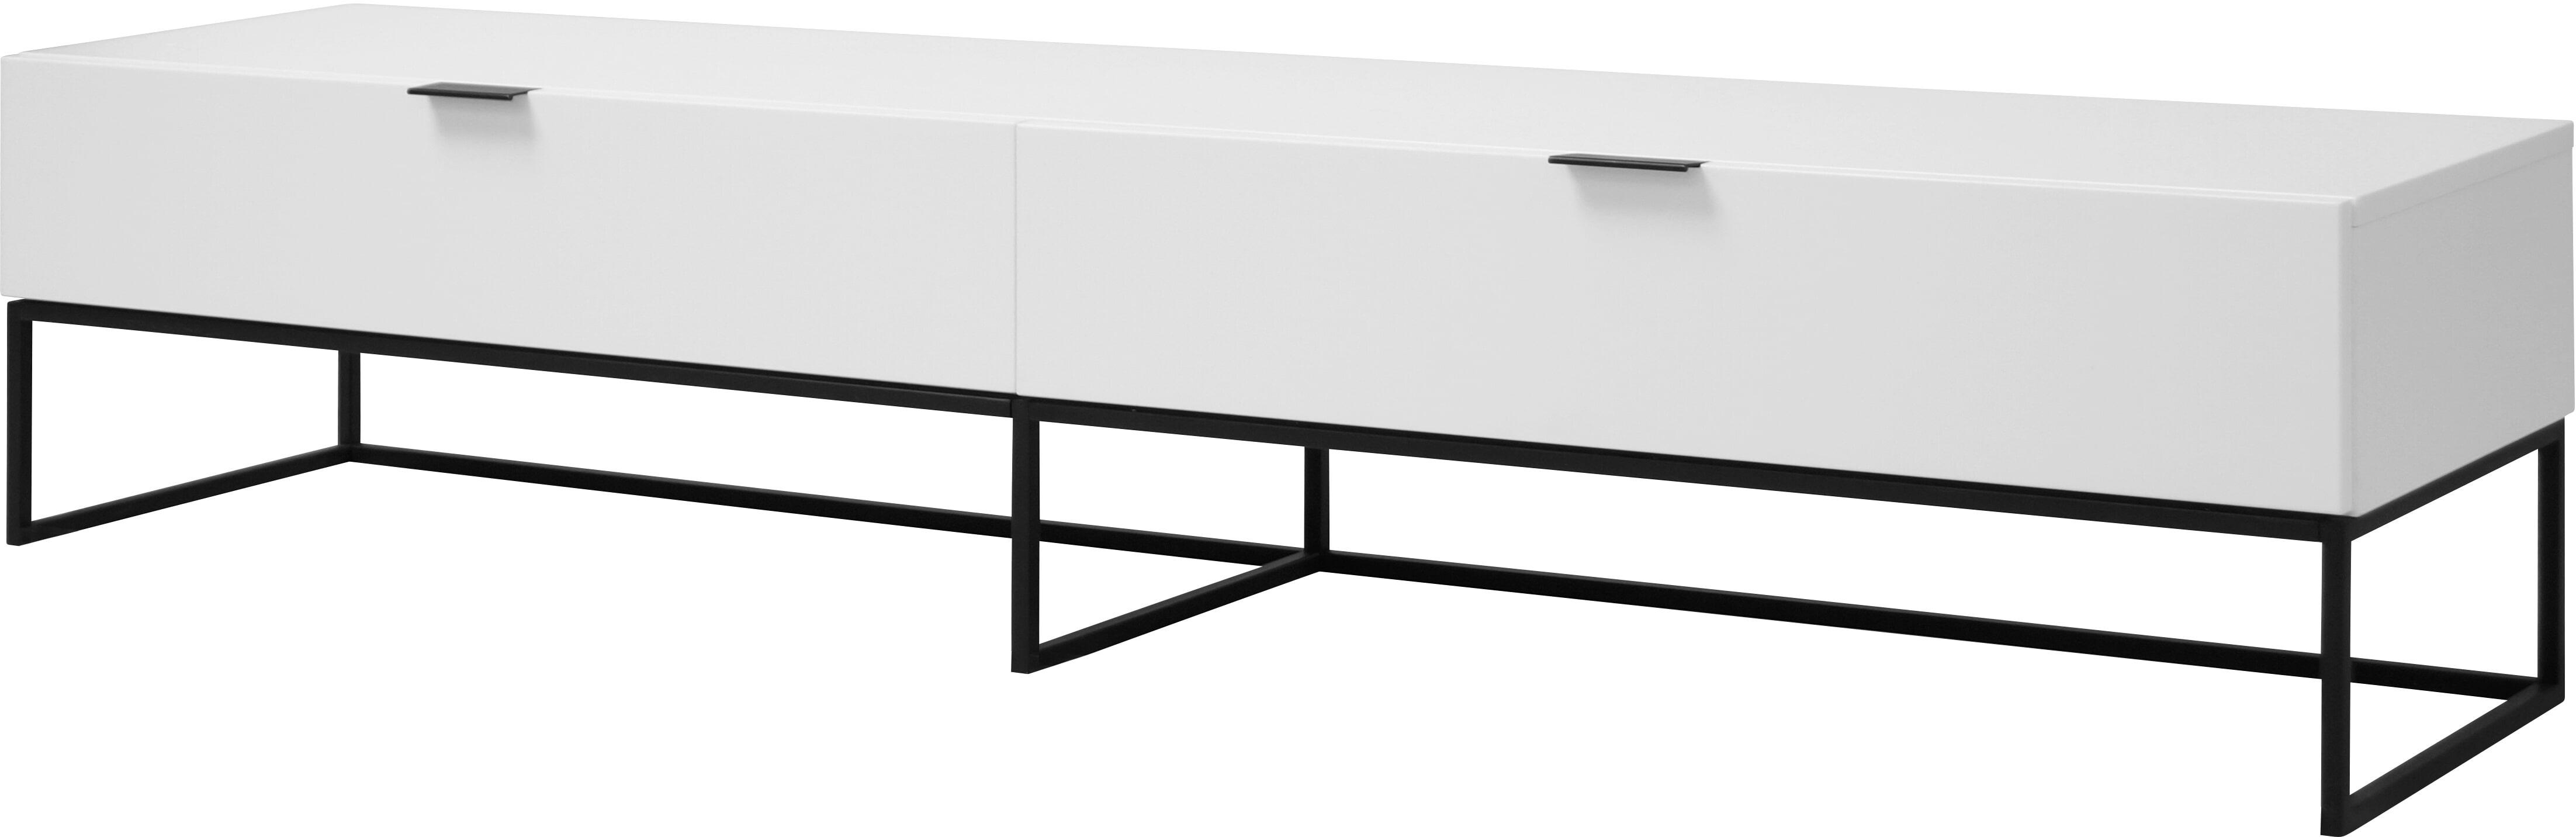 Interstil Tv-meubel 'Kobe' 200cm, kleur wit met voordeel snel in huis via Meubel Partner